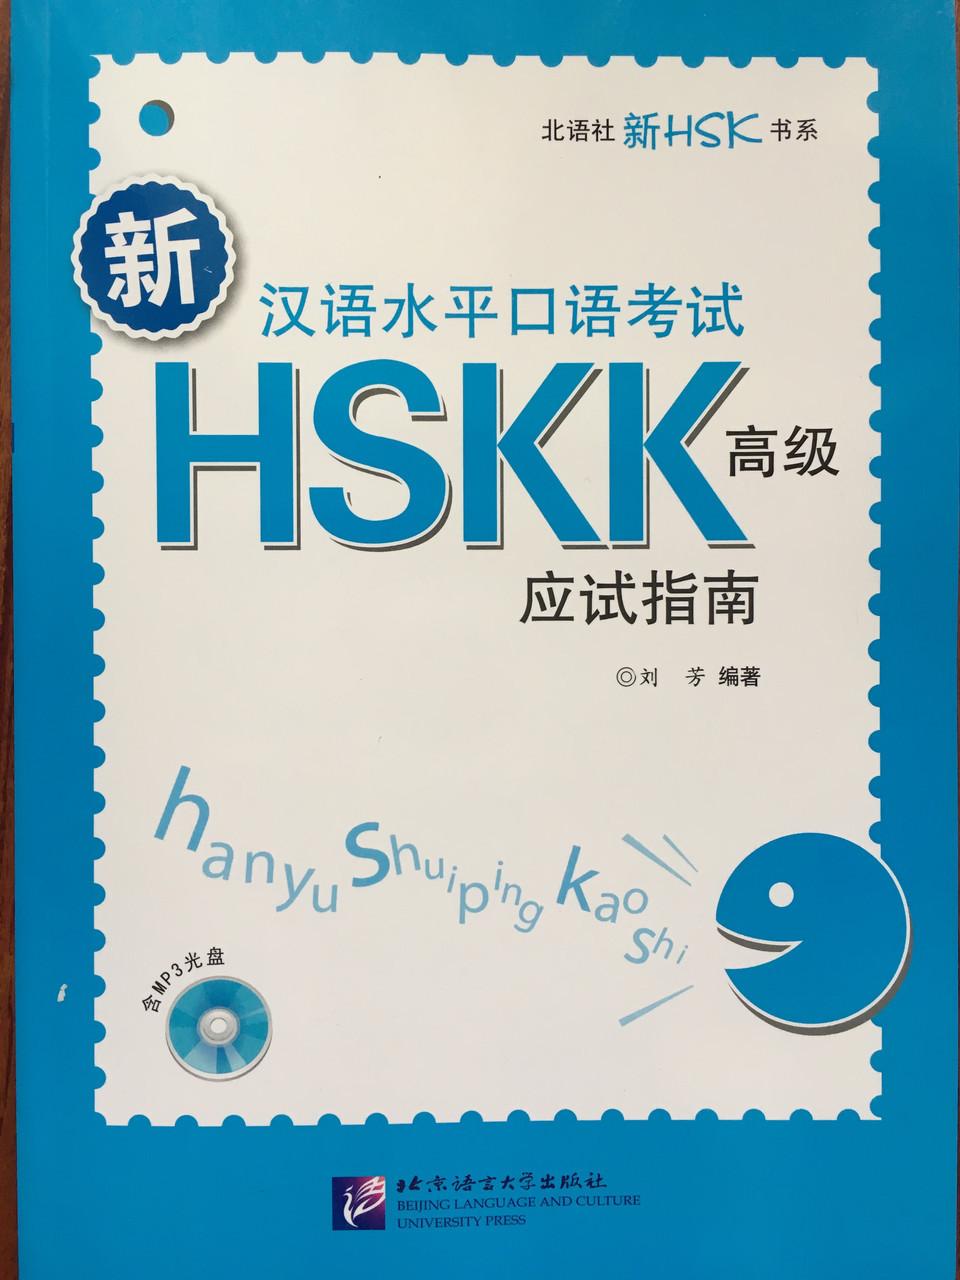 Руководство к успешной сдаче HSKK (устный экзамен HSK). Высший уровень